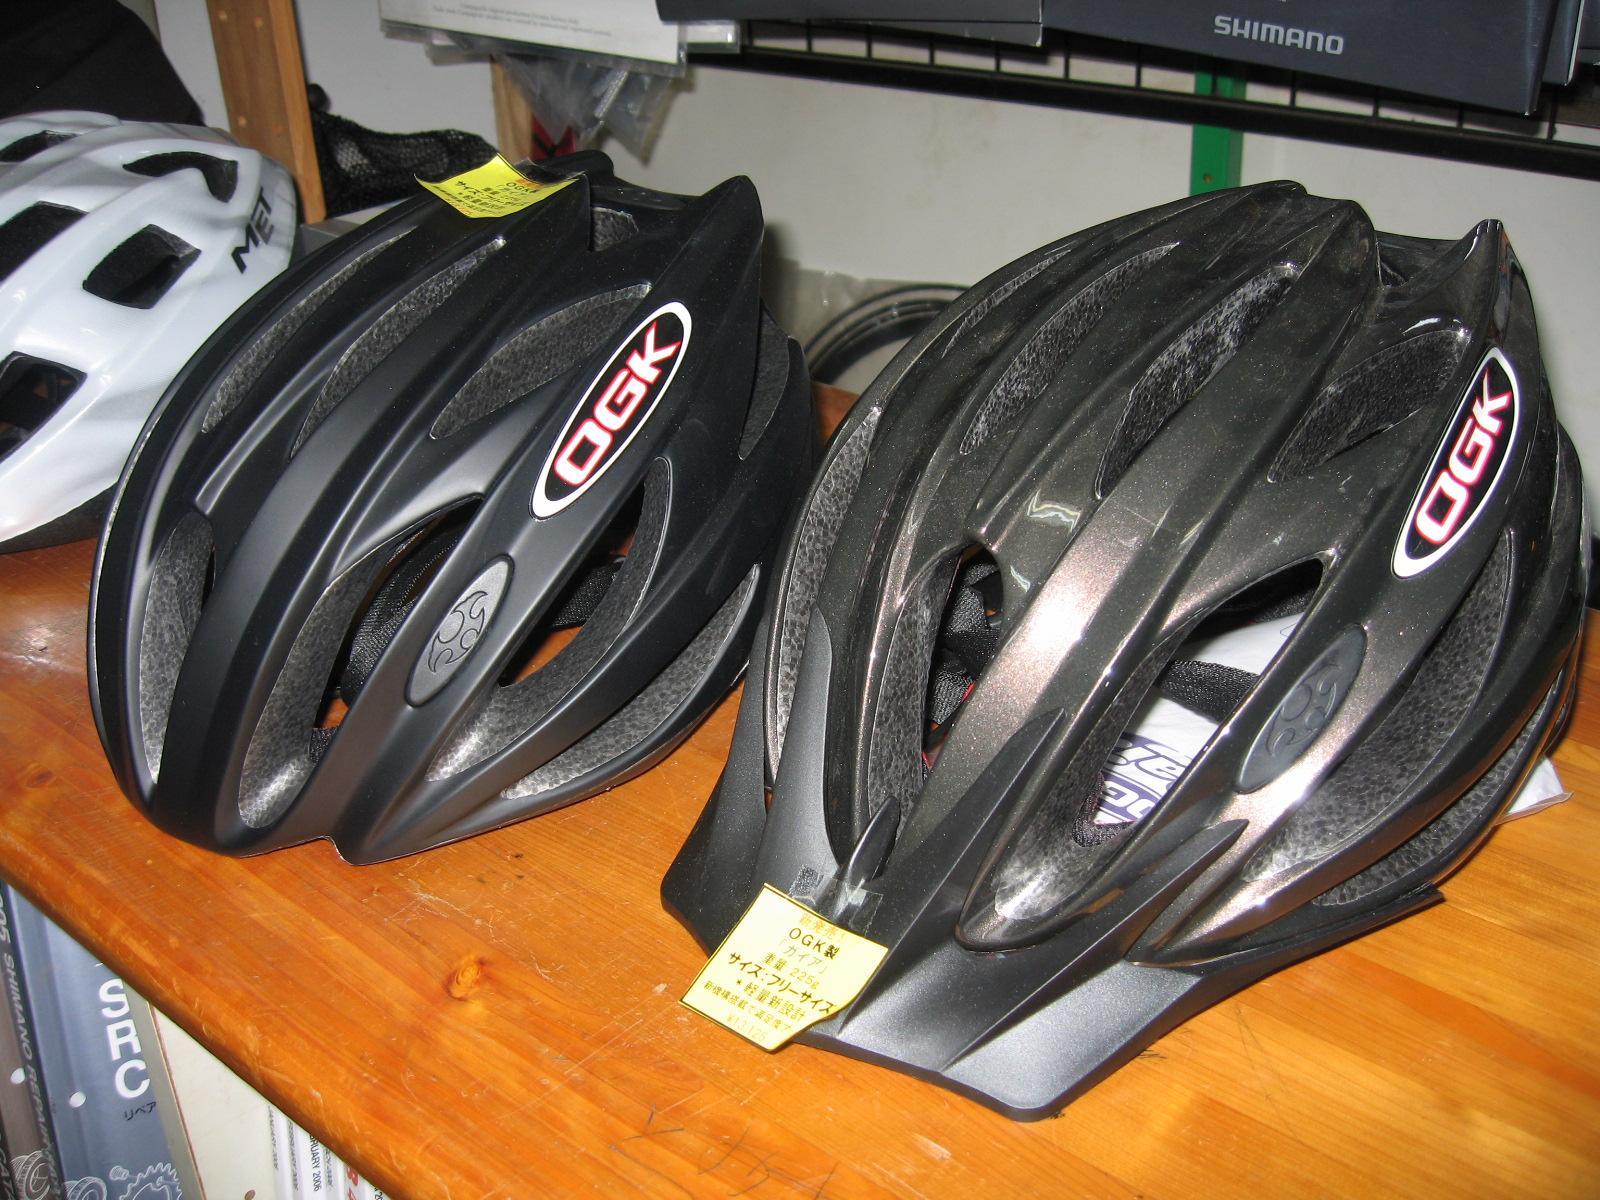 自転車用 自転車用 : 最近、安全を考えて自転車用 ...